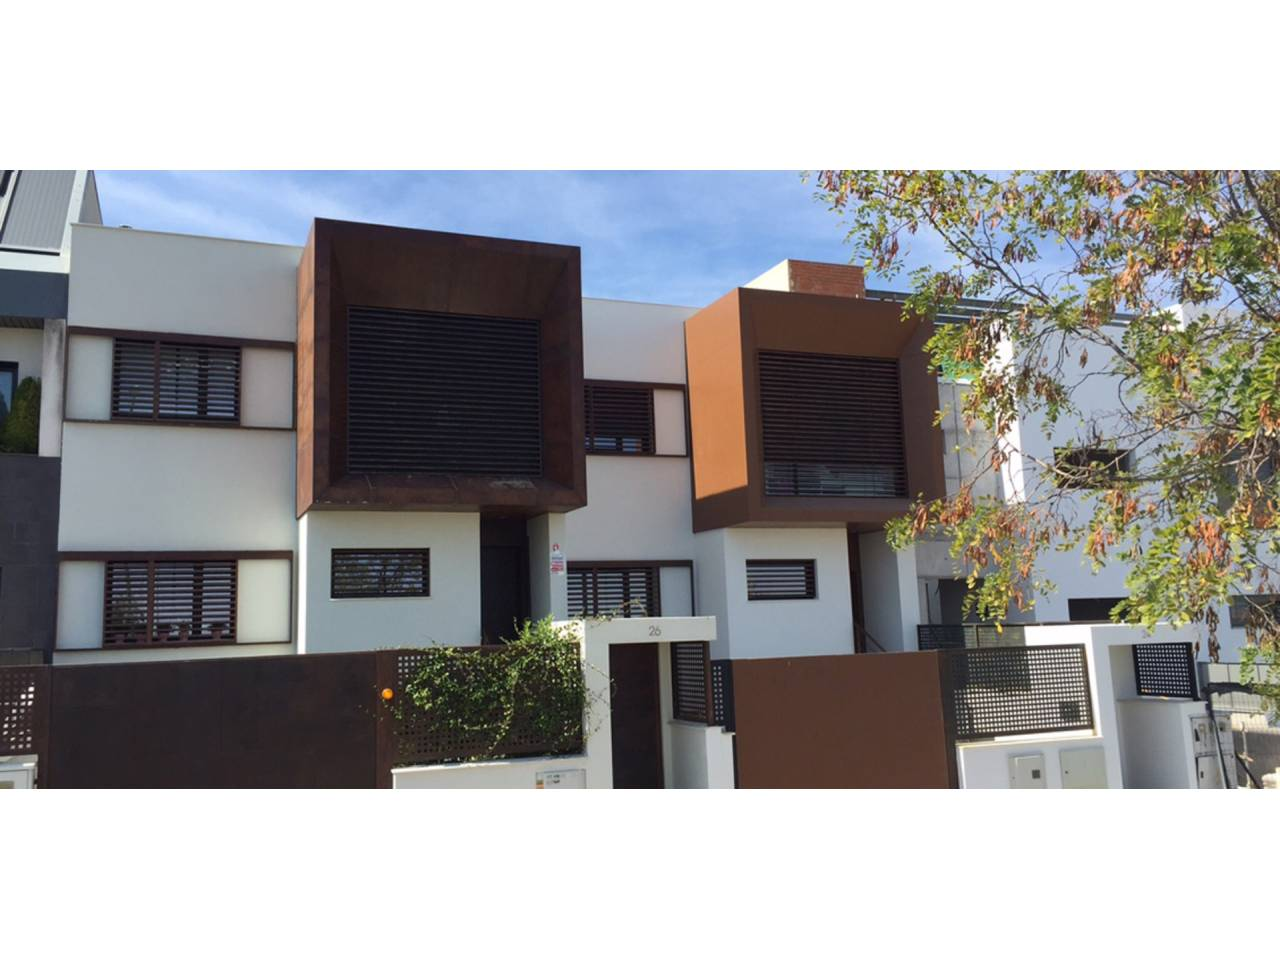 Solar urbano  Pueblo. Terreno edificable de 300 m² en el centro de sant joan de vilato